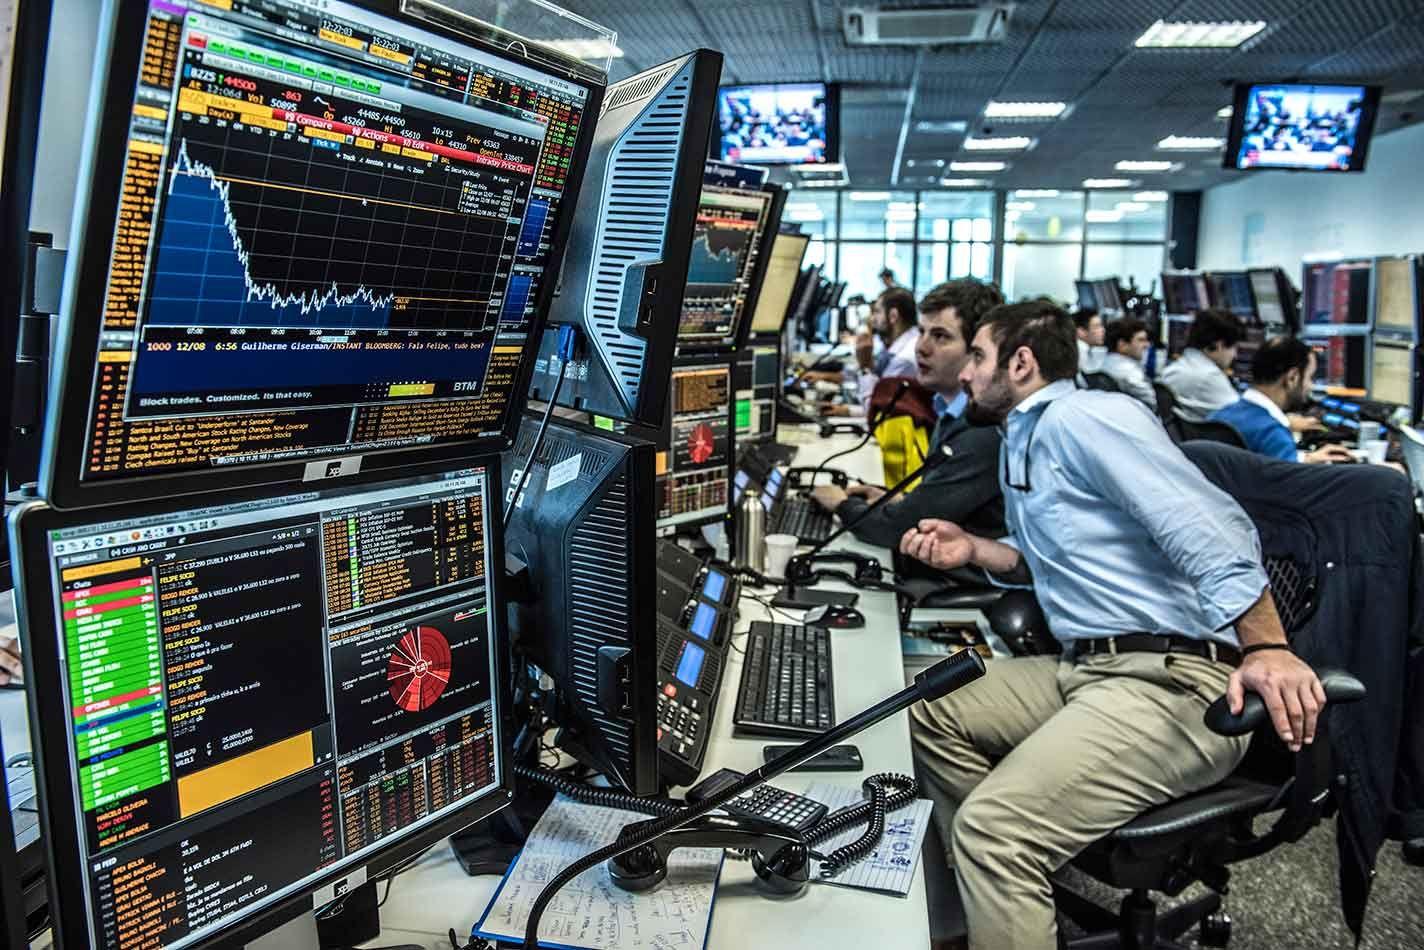 Utc stock options